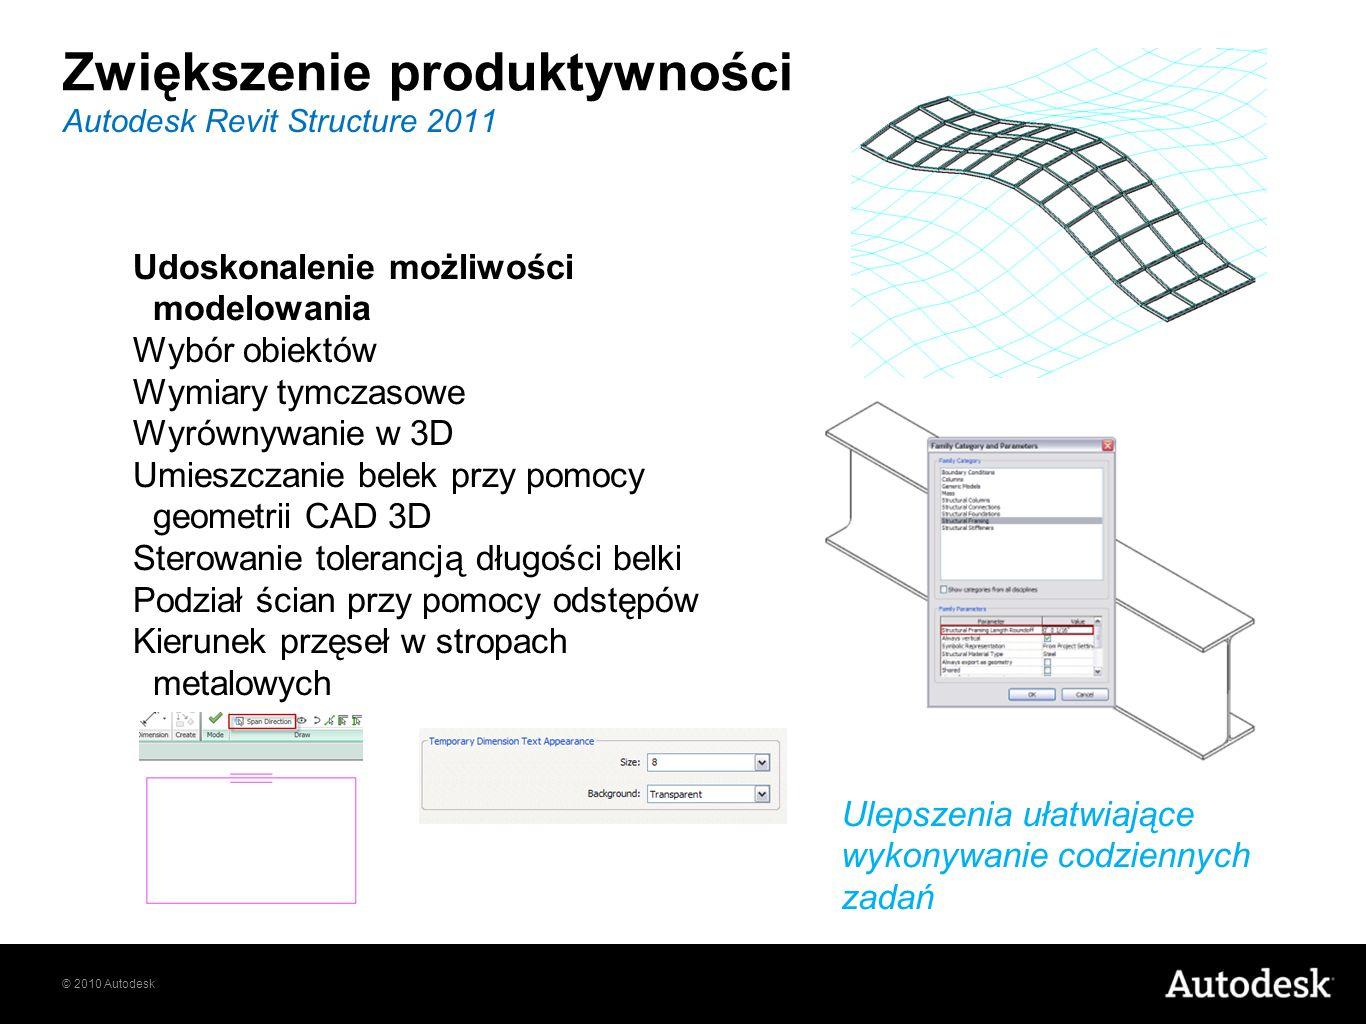 © 2010 Autodesk Autodesk Revit Structure 2011 Zwiększenie produktywności Ulepszenia ułatwiające wykonywanie codziennych zadań Udoskonalenie możliwości modelowania Wybór obiektów Wymiary tymczasowe Wyrównywanie w 3D Umieszczanie belek przy pomocy geometrii CAD 3D Sterowanie tolerancją długości belki Podział ścian przy pomocy odstępów Kierunek przęseł w stropach metalowych